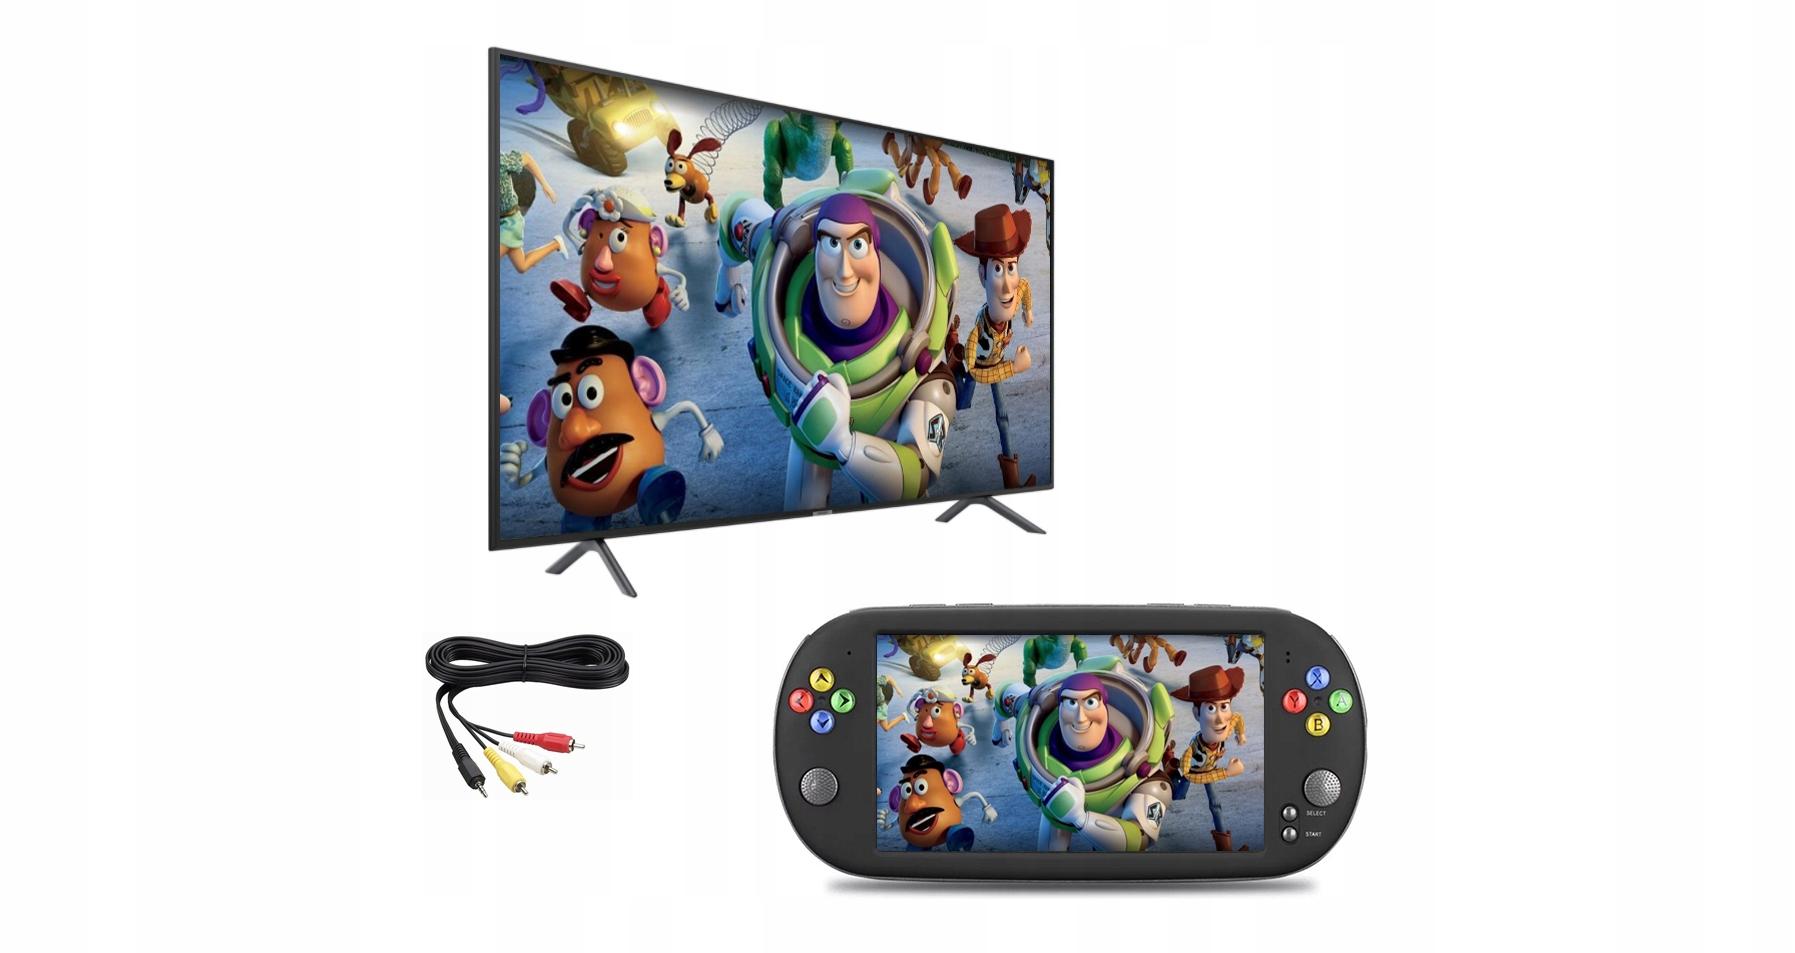 Портативная игровая консоль X16 для сказок 7-дюймовый HD-экран Вес (с упаковкой) 0,34 кг